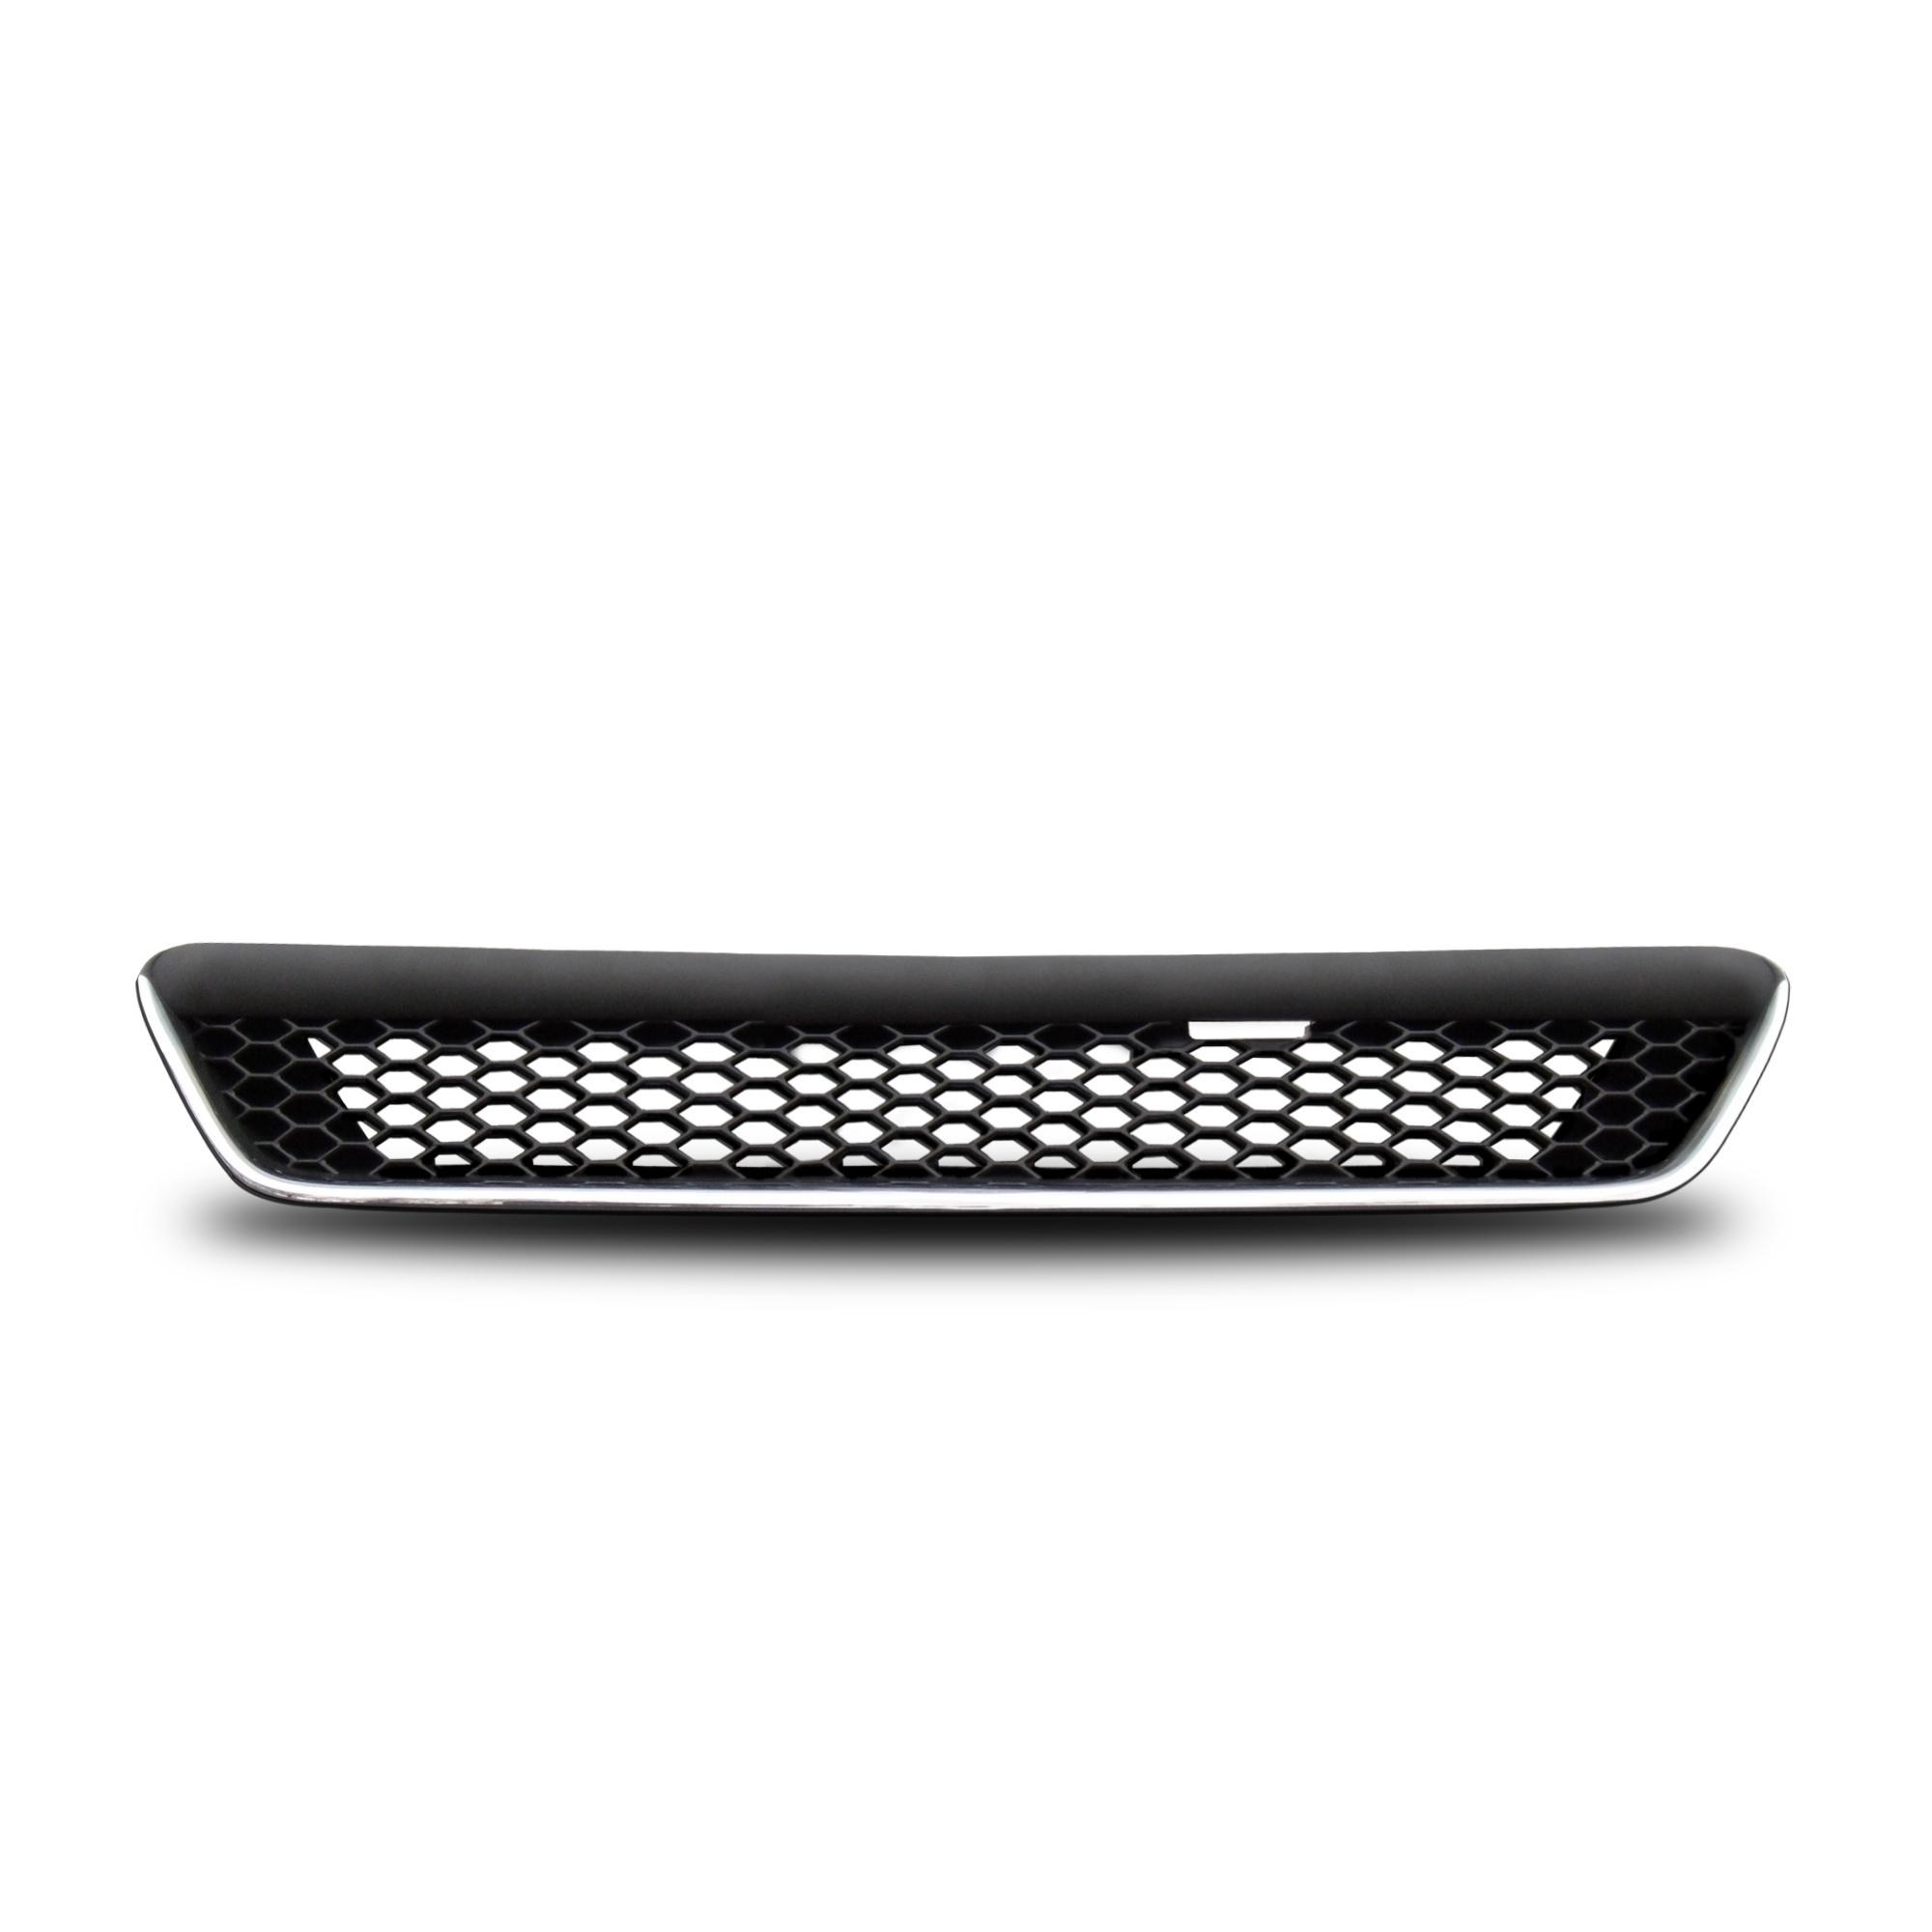 JOM Frontgrill sports look med diamant look i blank sort/krom til Opel Astra G - uden logo